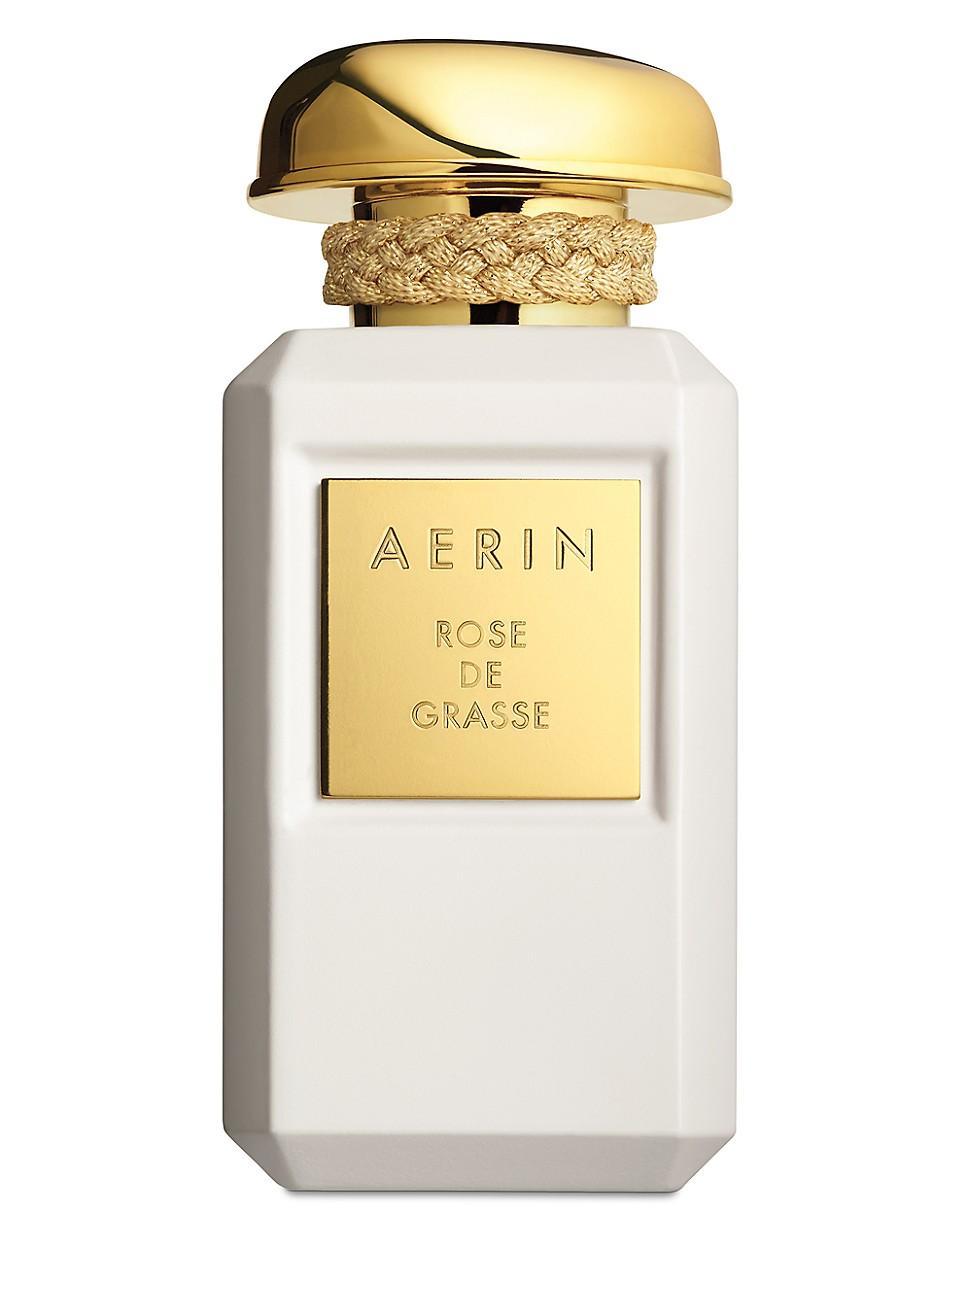 Aerin WOMEN'S ROSE DE GRASSE EAU DE PARFUM - SIZE 1.7 OZ